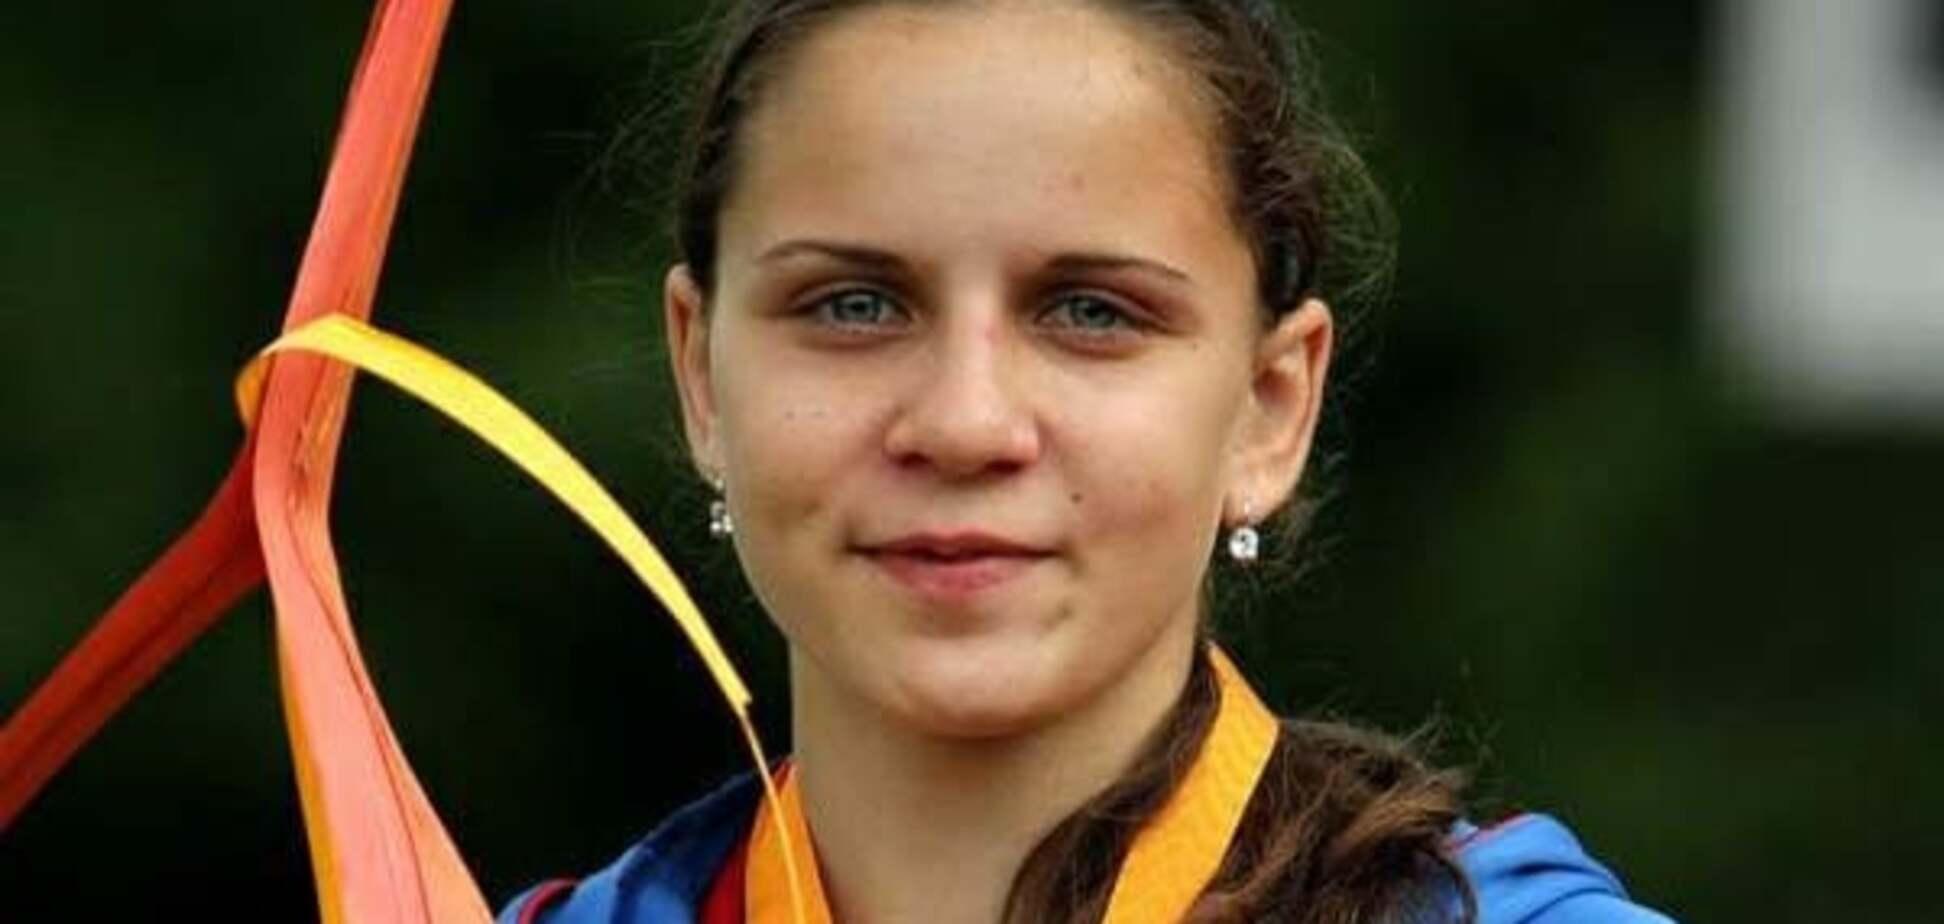 Известную российскую легкоатлетку дисквалифицировали на 2,5 года